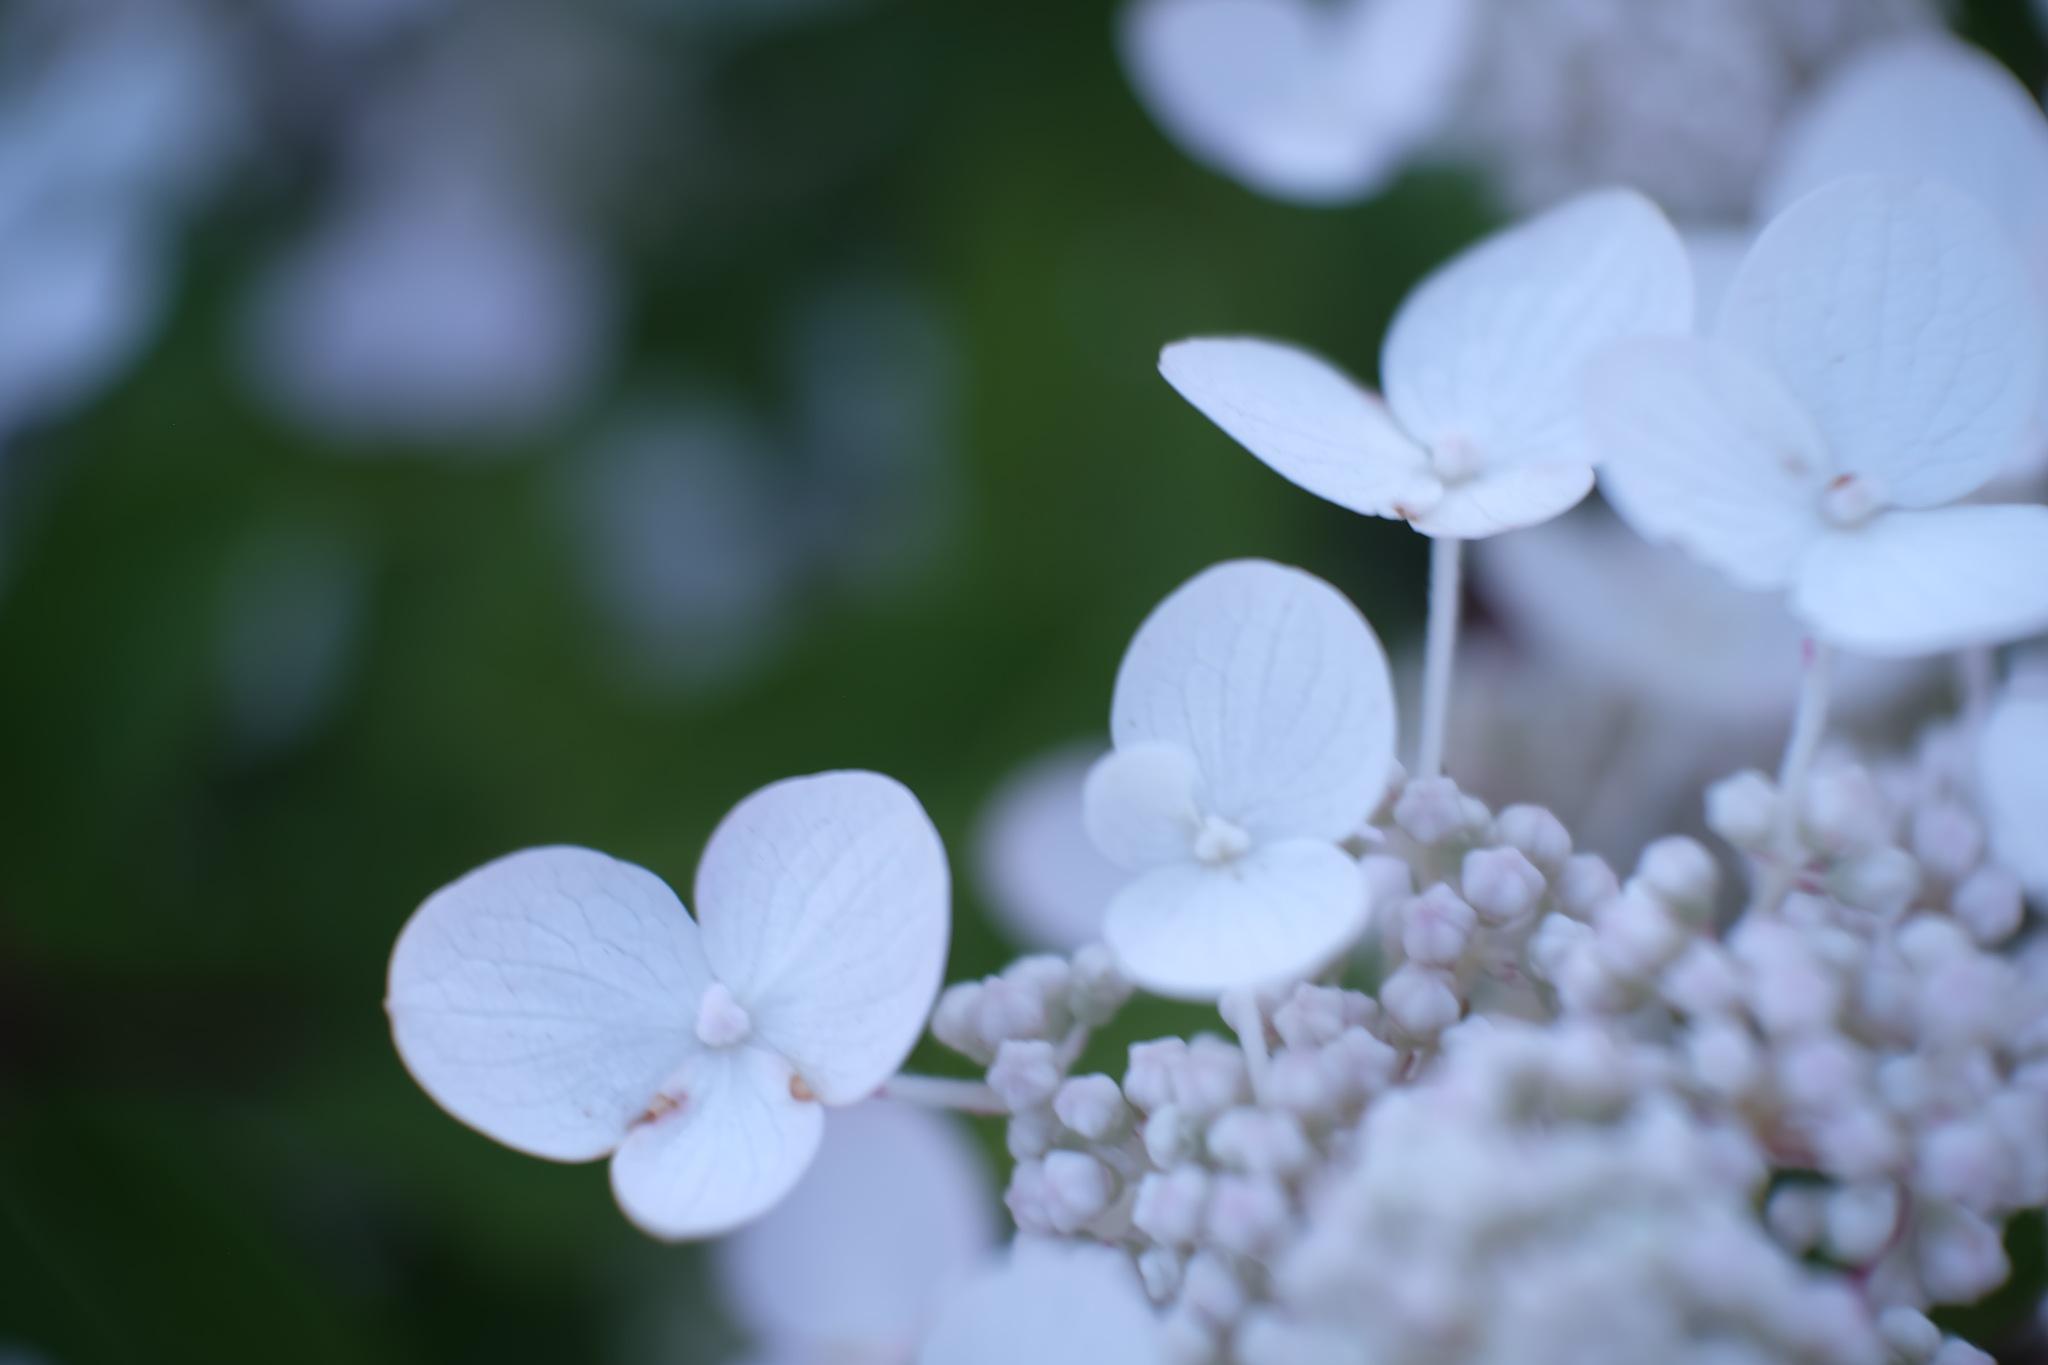 Tea of heaven - Hydrangea Serrata by Studio89Fotos - 湖北武汉